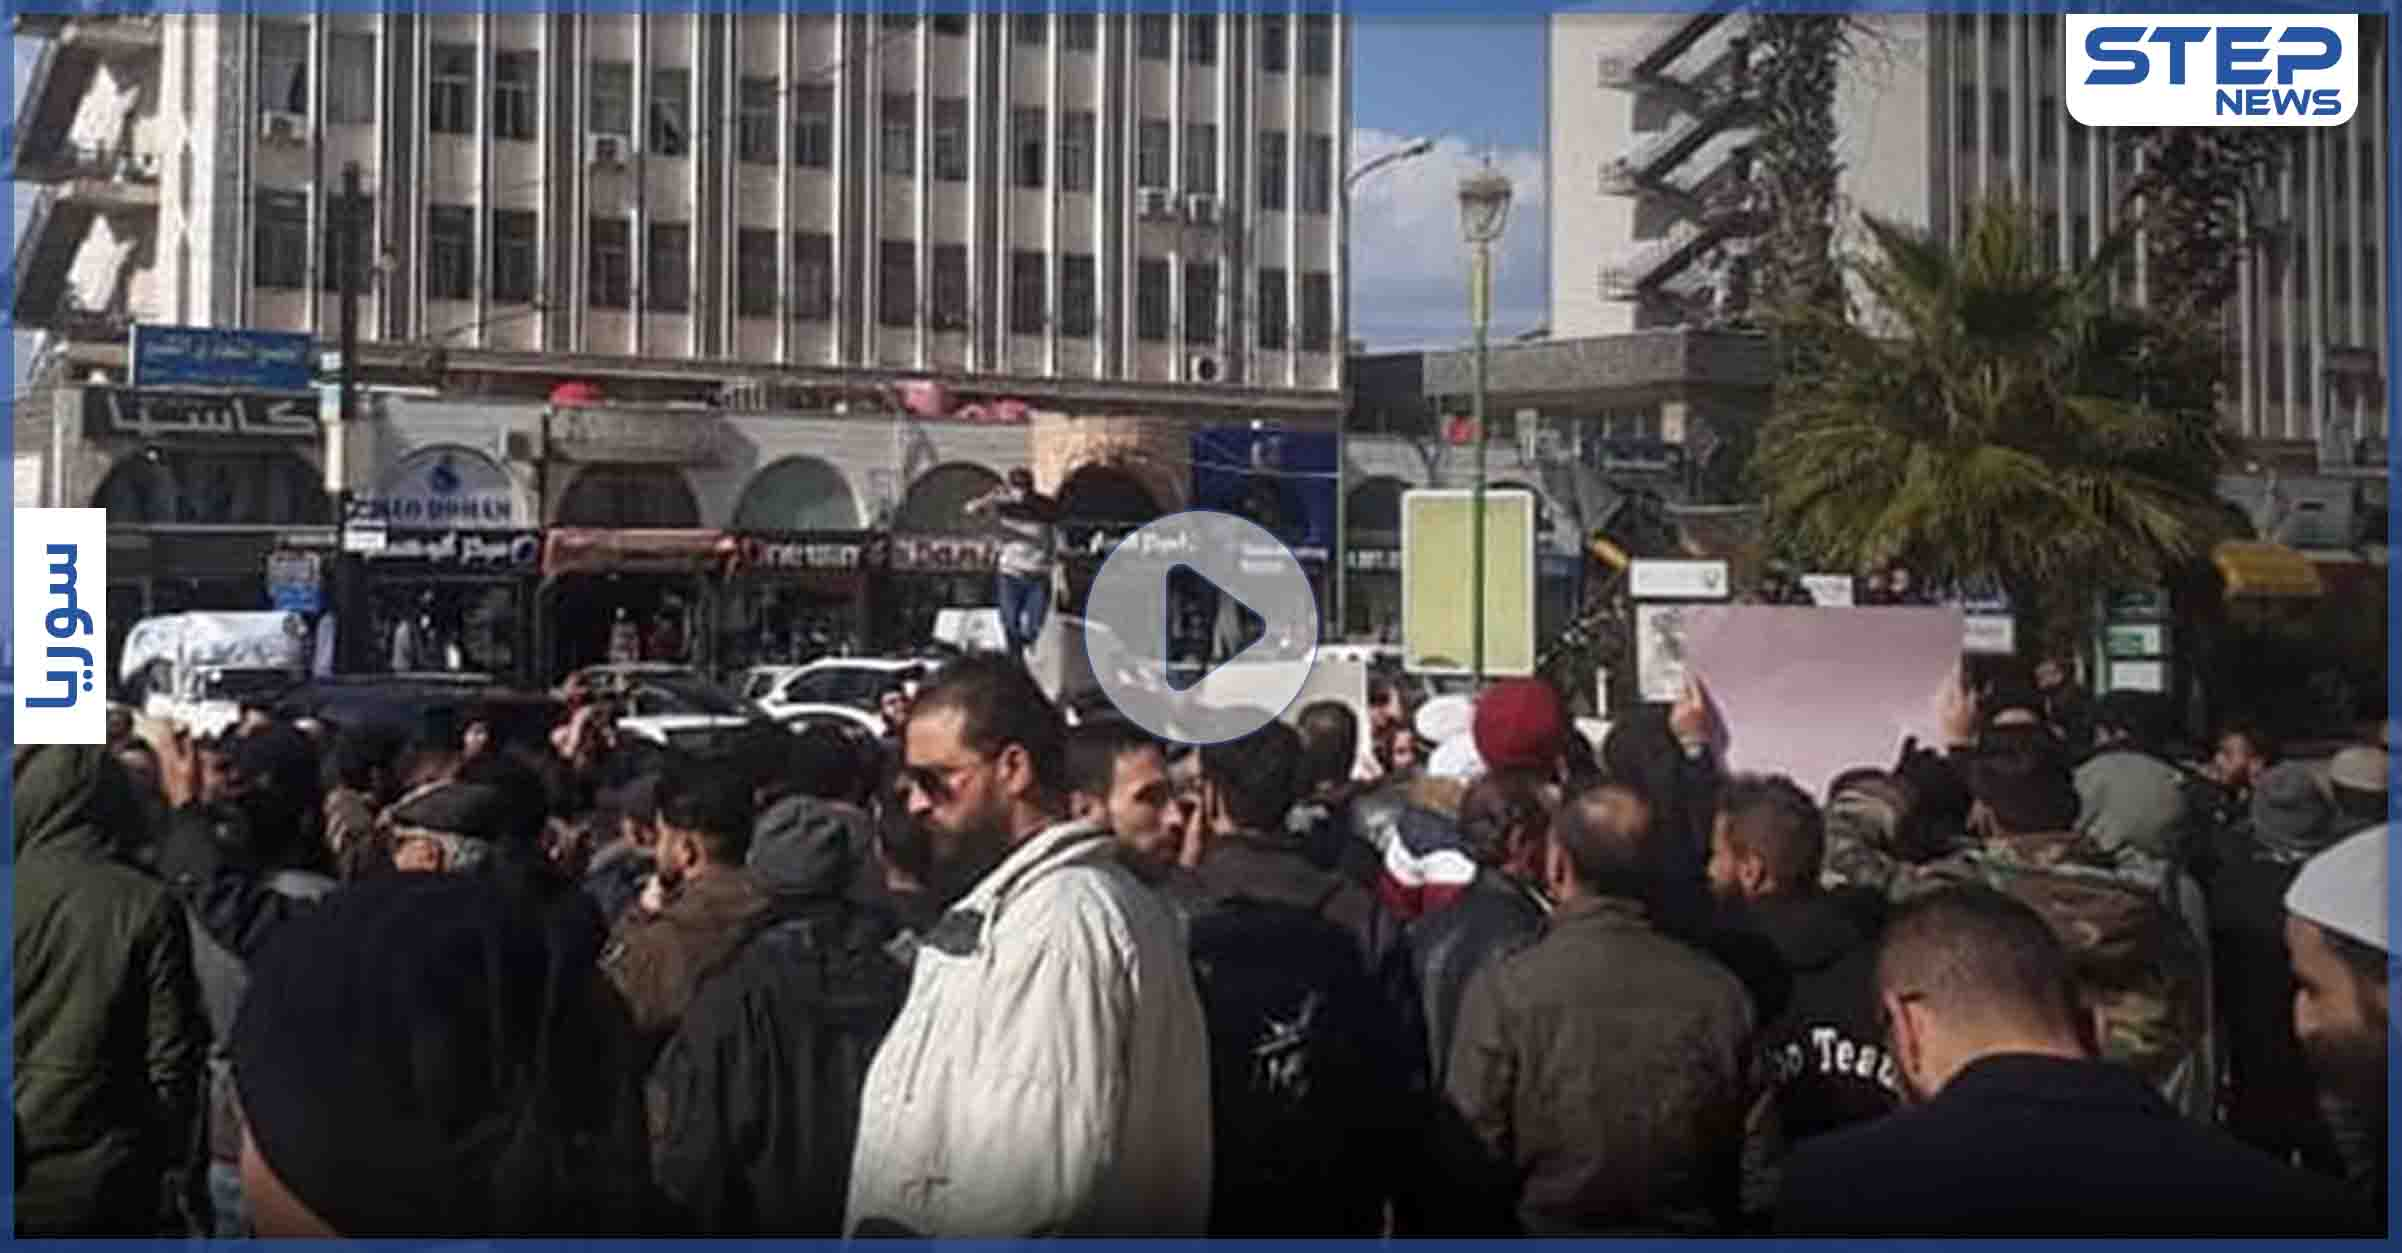 بالفيديو || مظاهرات حاشدة في السويداء تطالب برحيل بشار الأسد